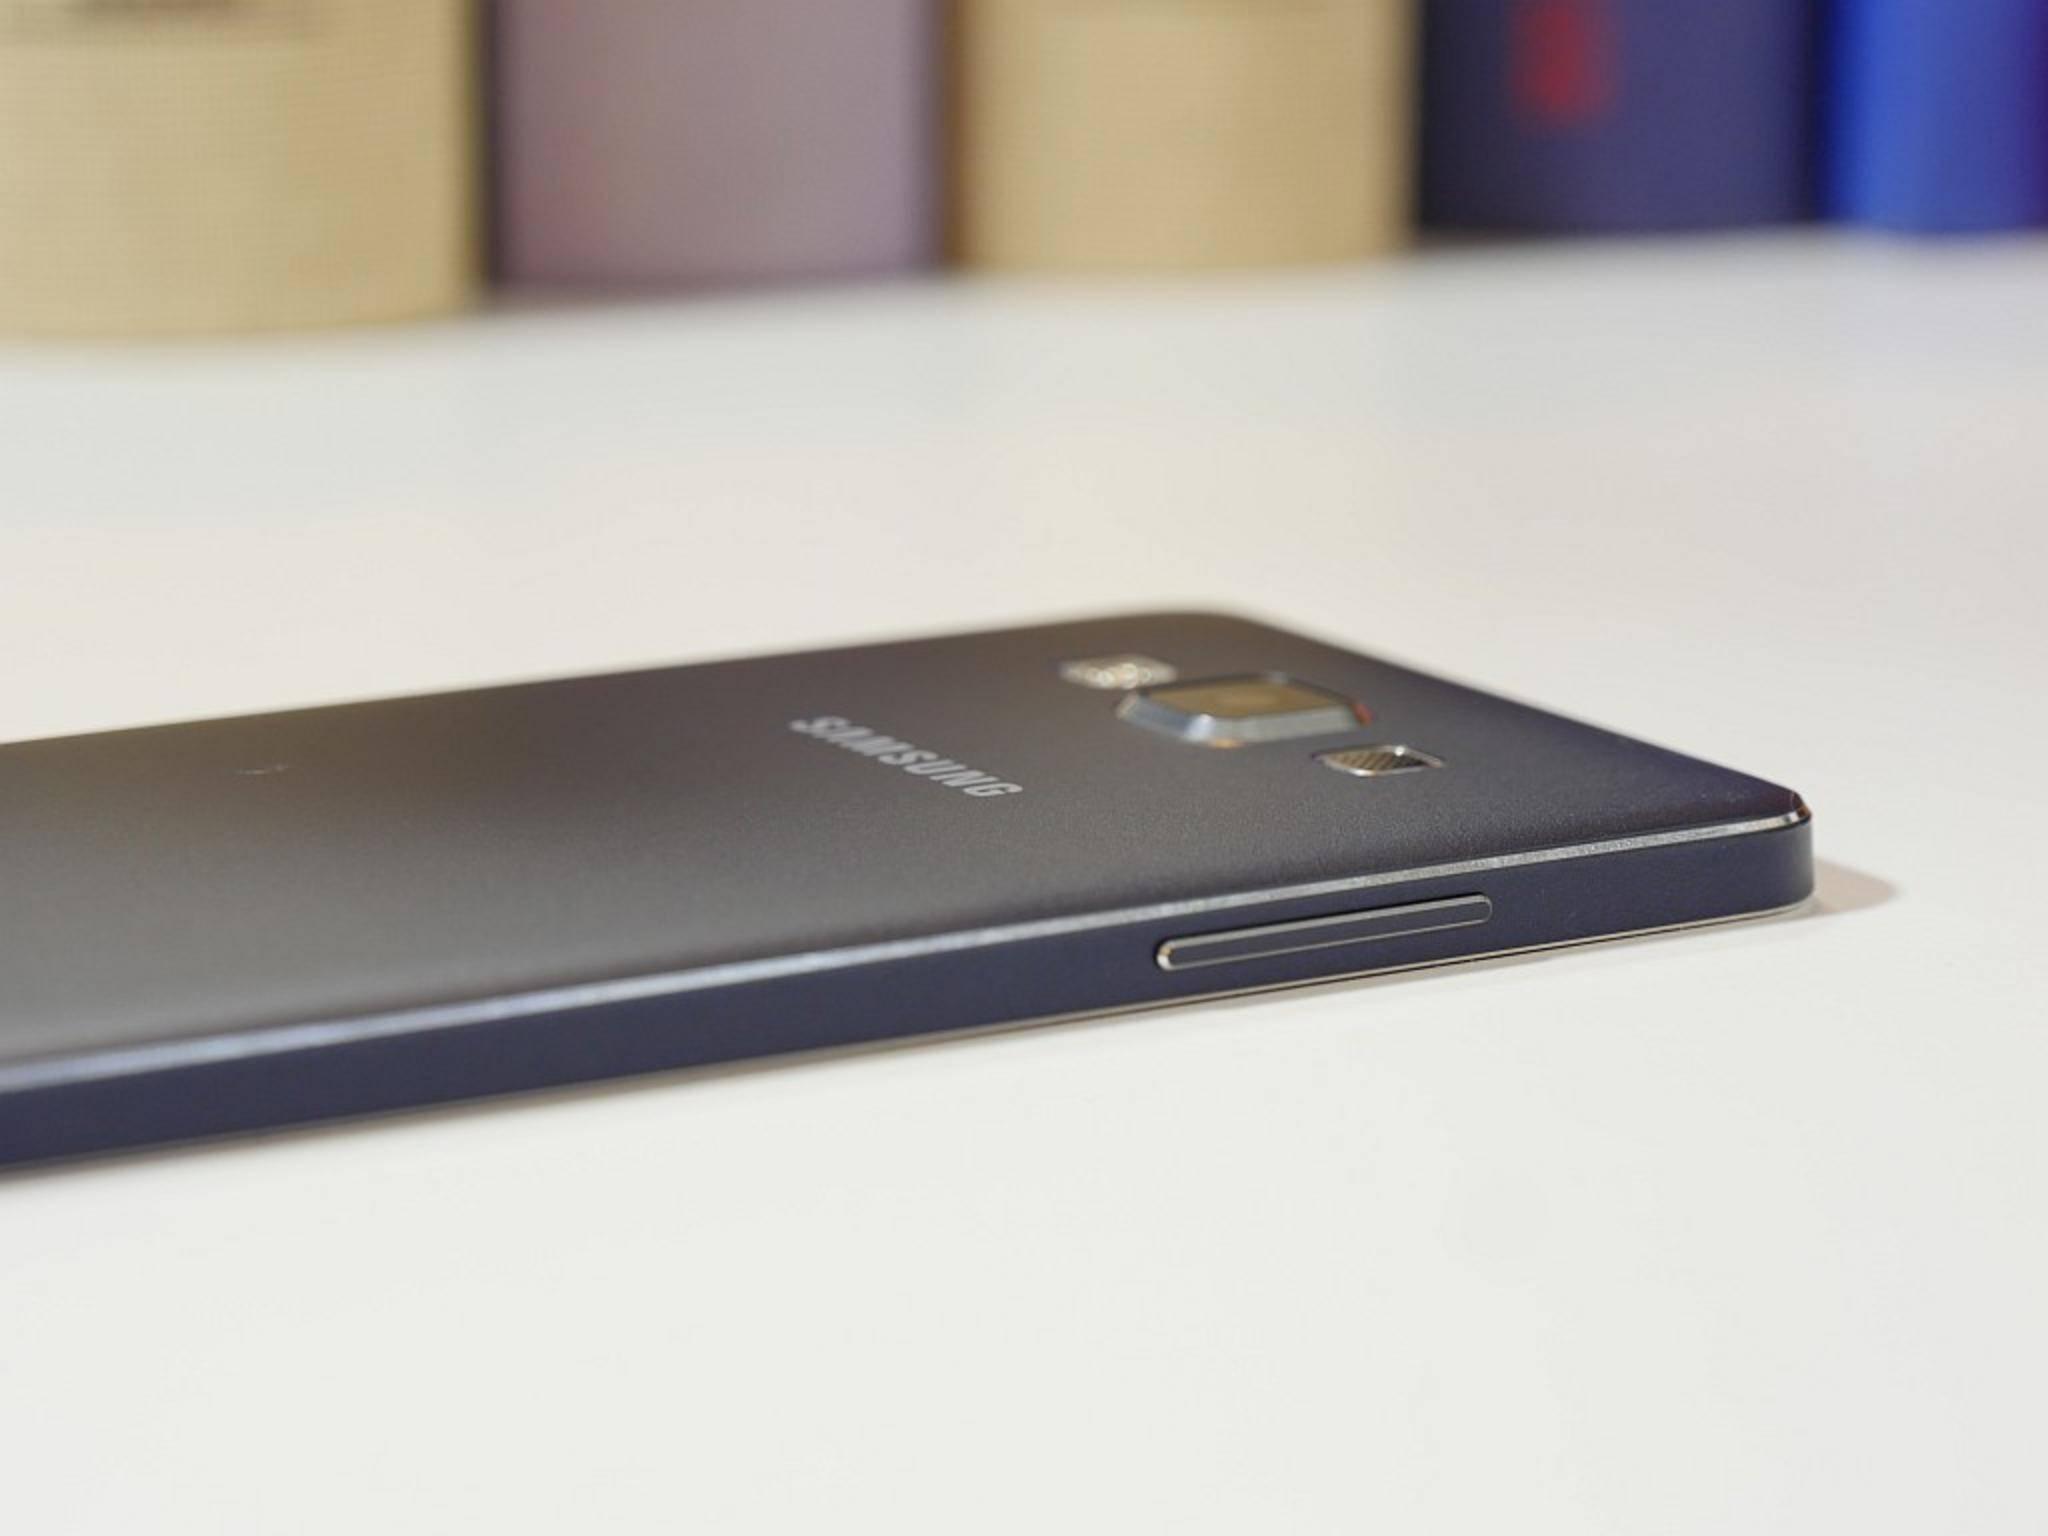 Das Galaxy A5 ist das dünnste aller Samsung-Smartphones.